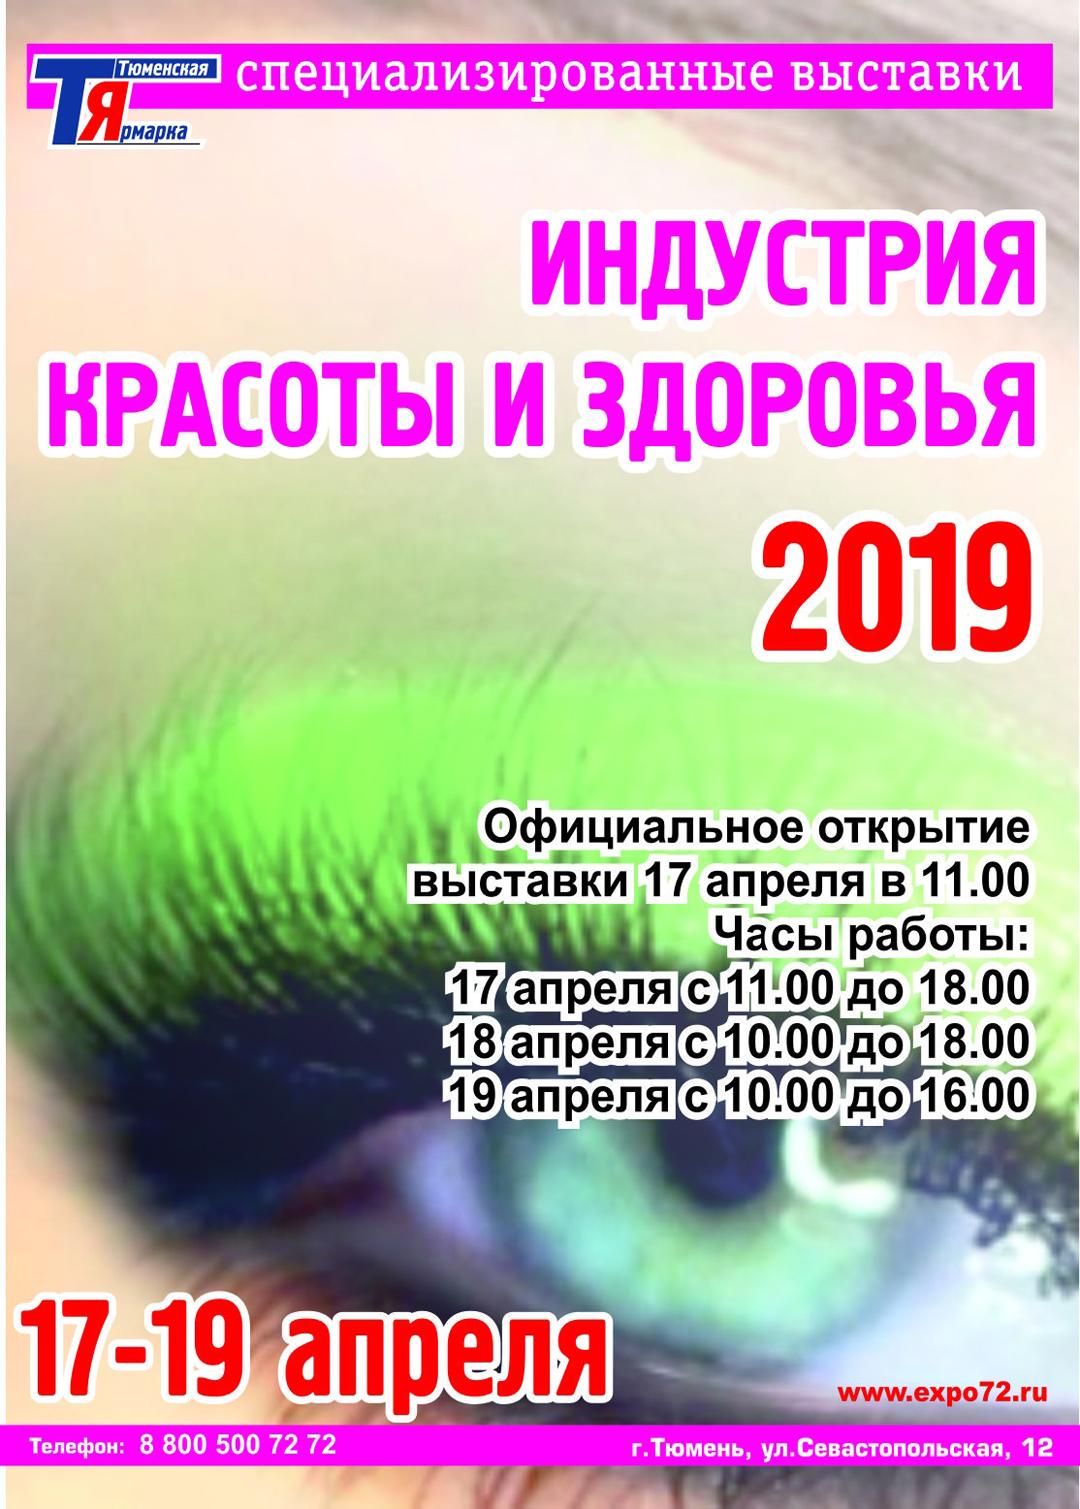 Выставка Индустрия красоты и здоровья в Тюмени